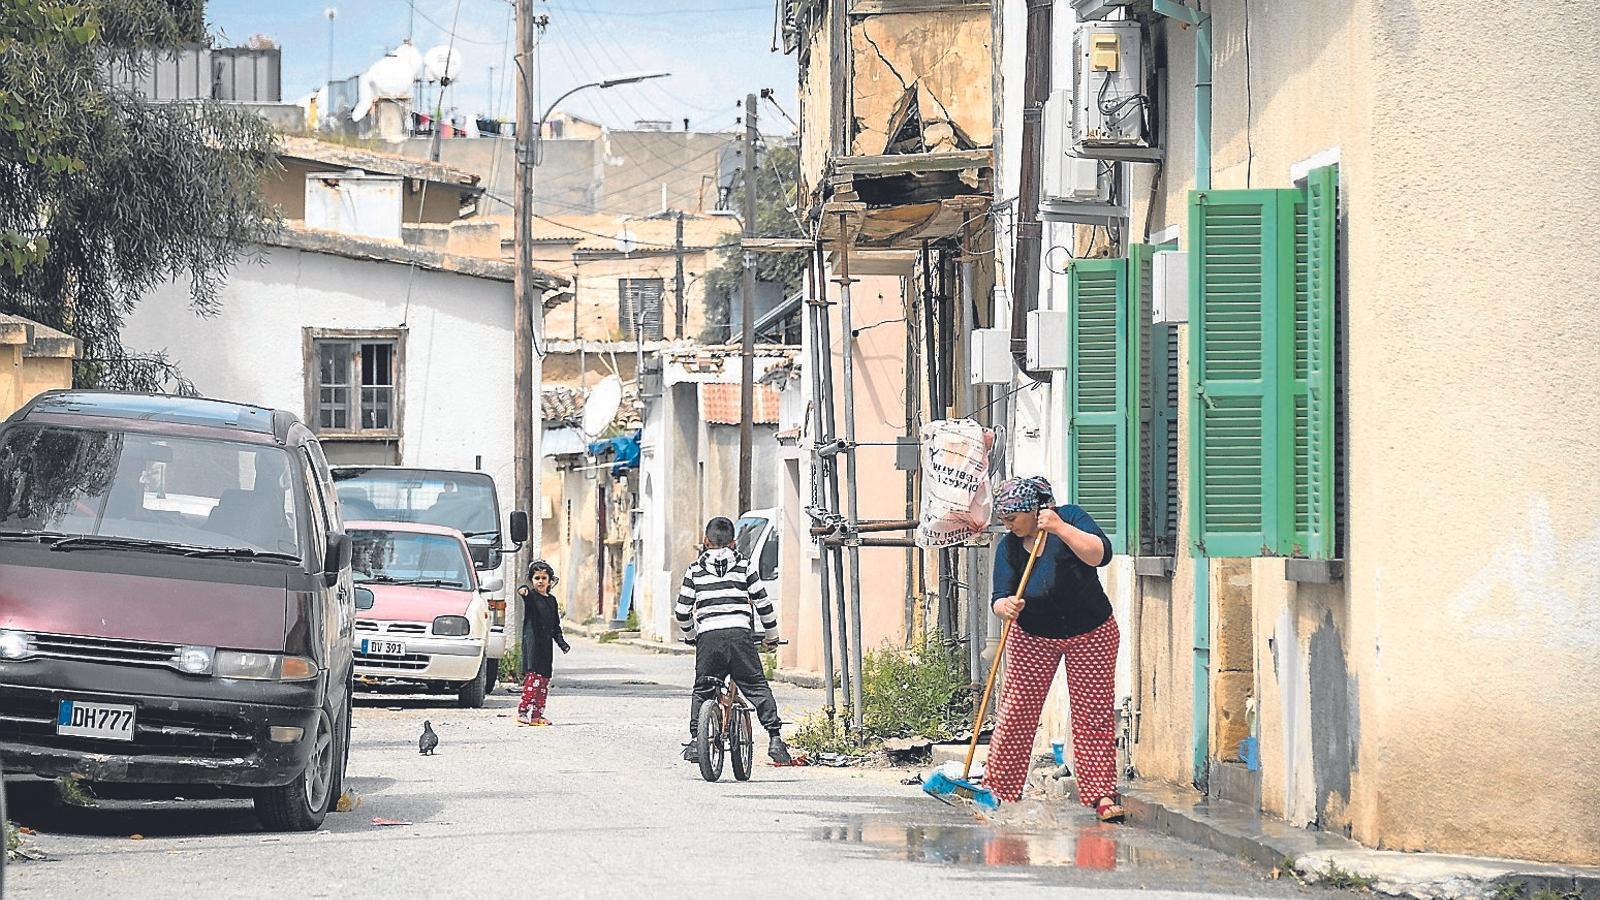 Una dona fregant el carrer a Nicòsia, la capital de Xipre